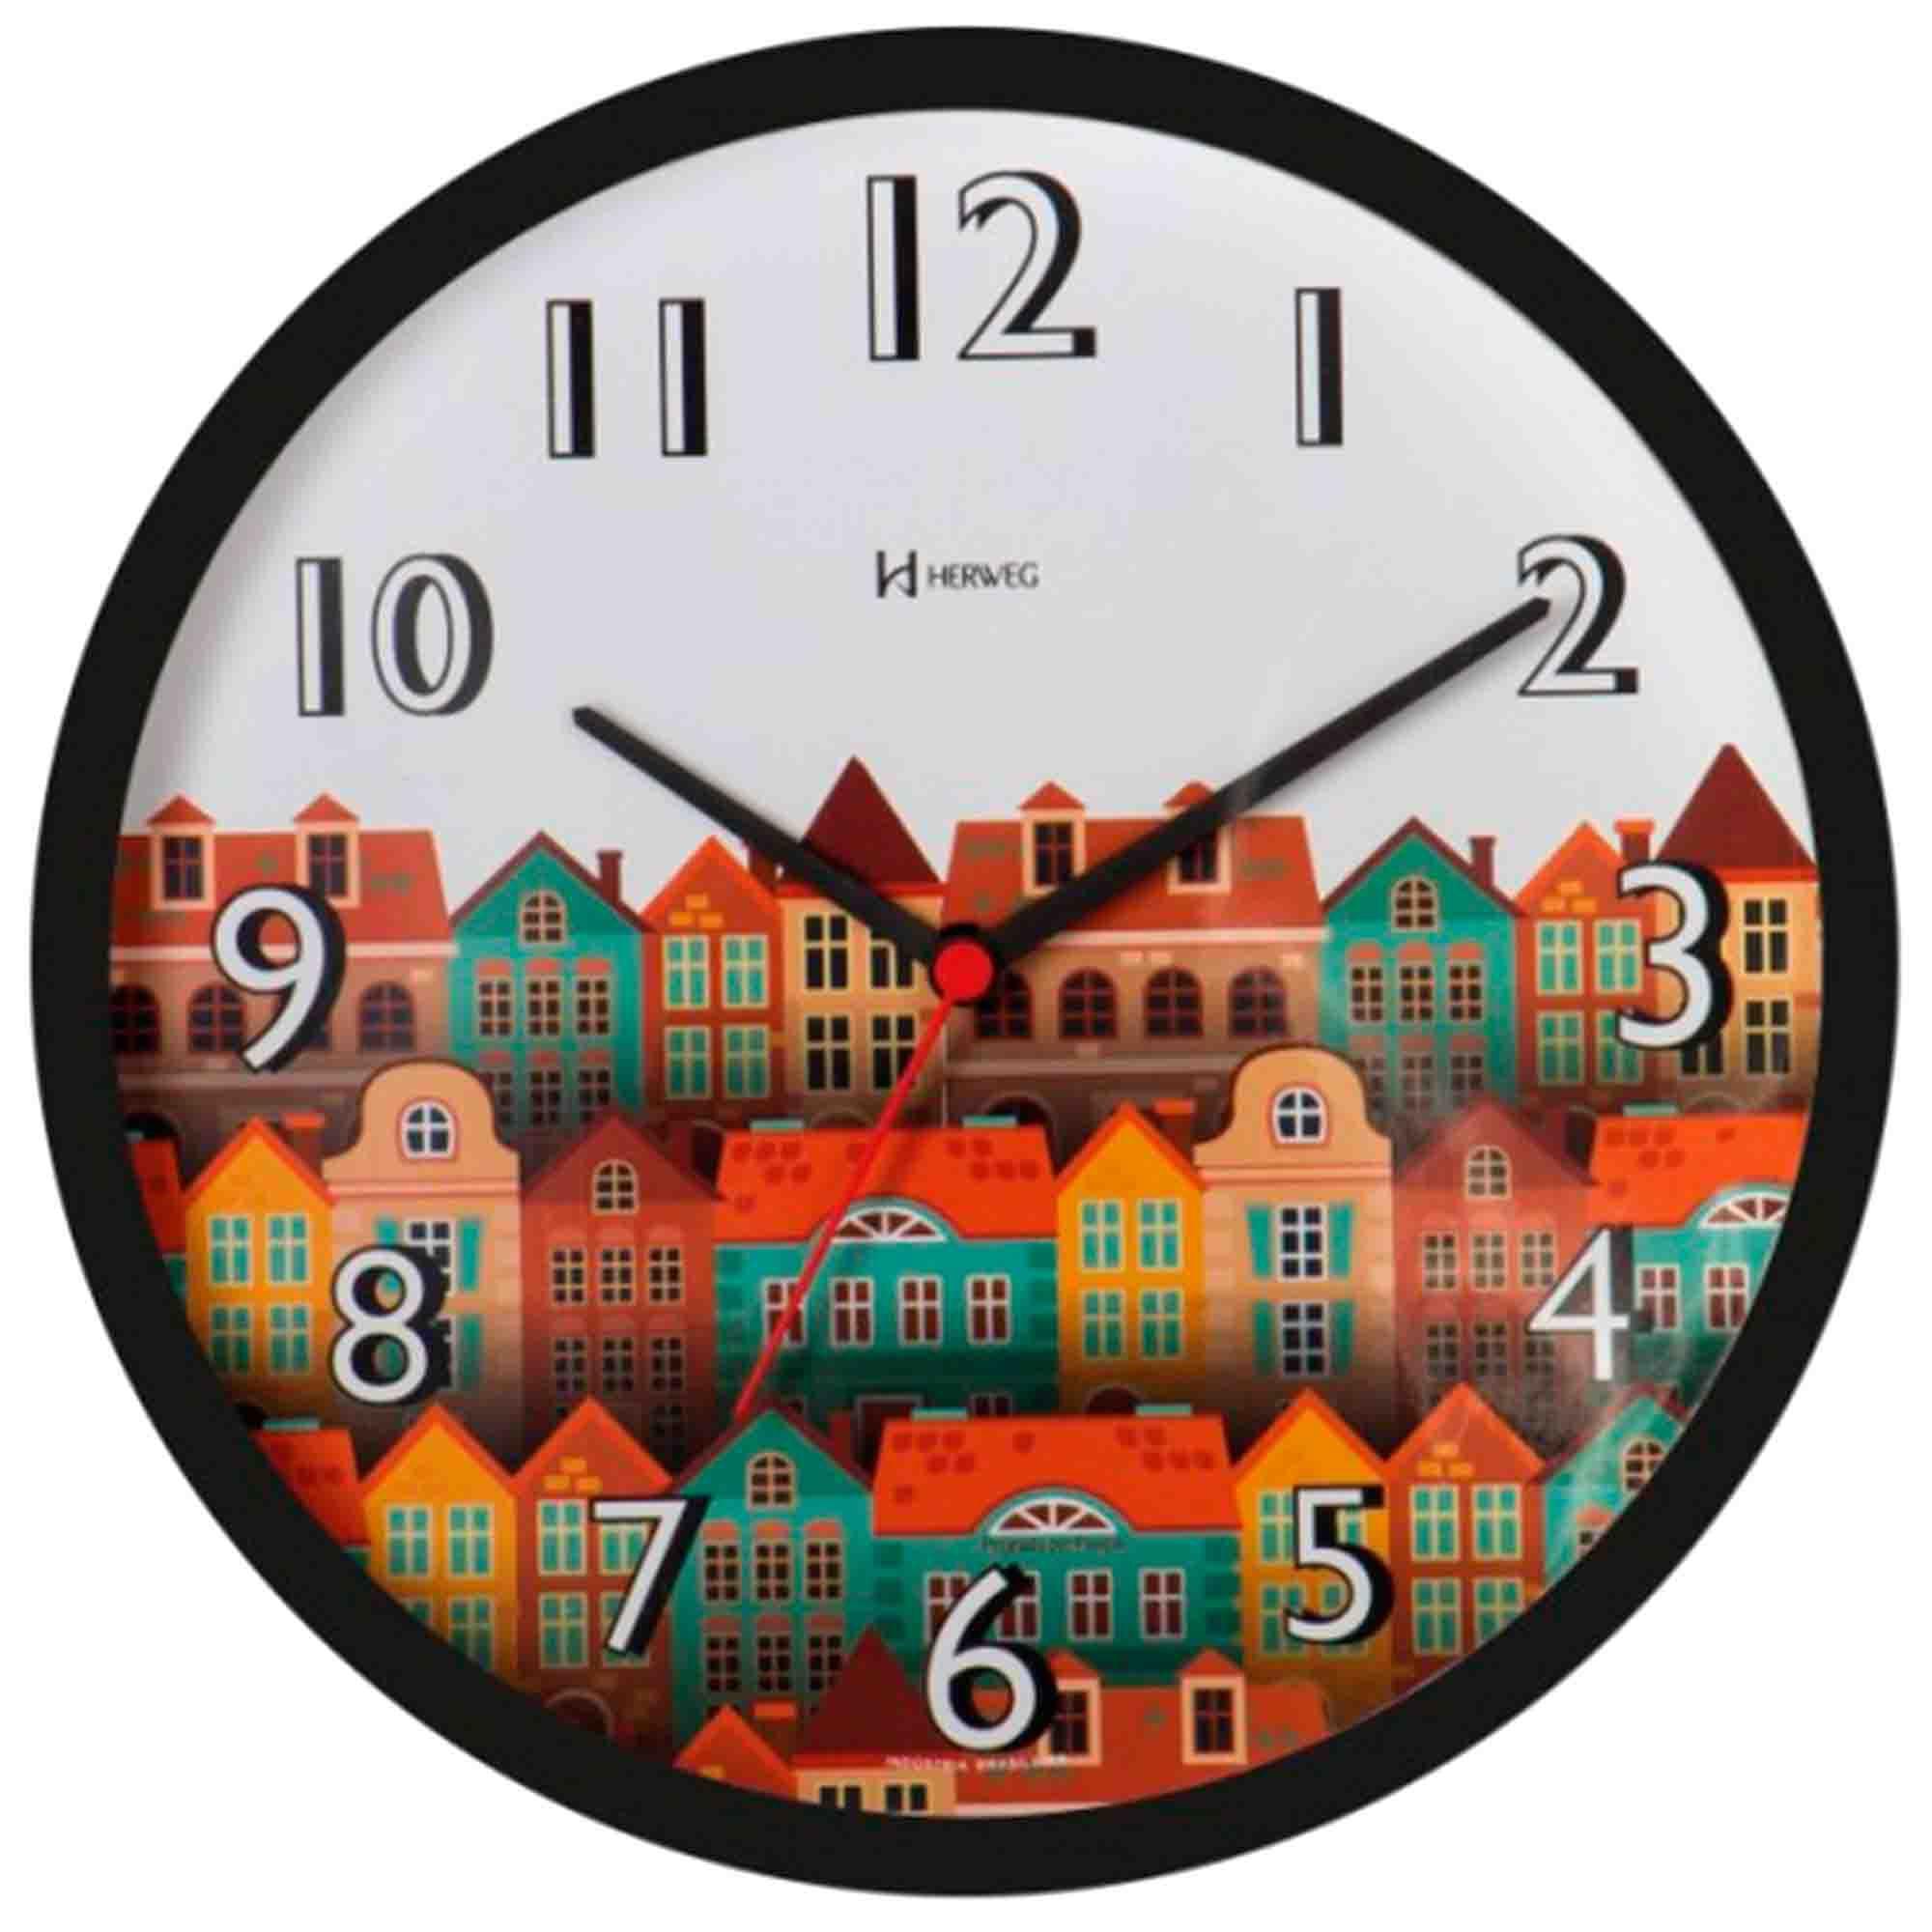 Relógio de Parede Analógico Herweg 660010 034 Preto